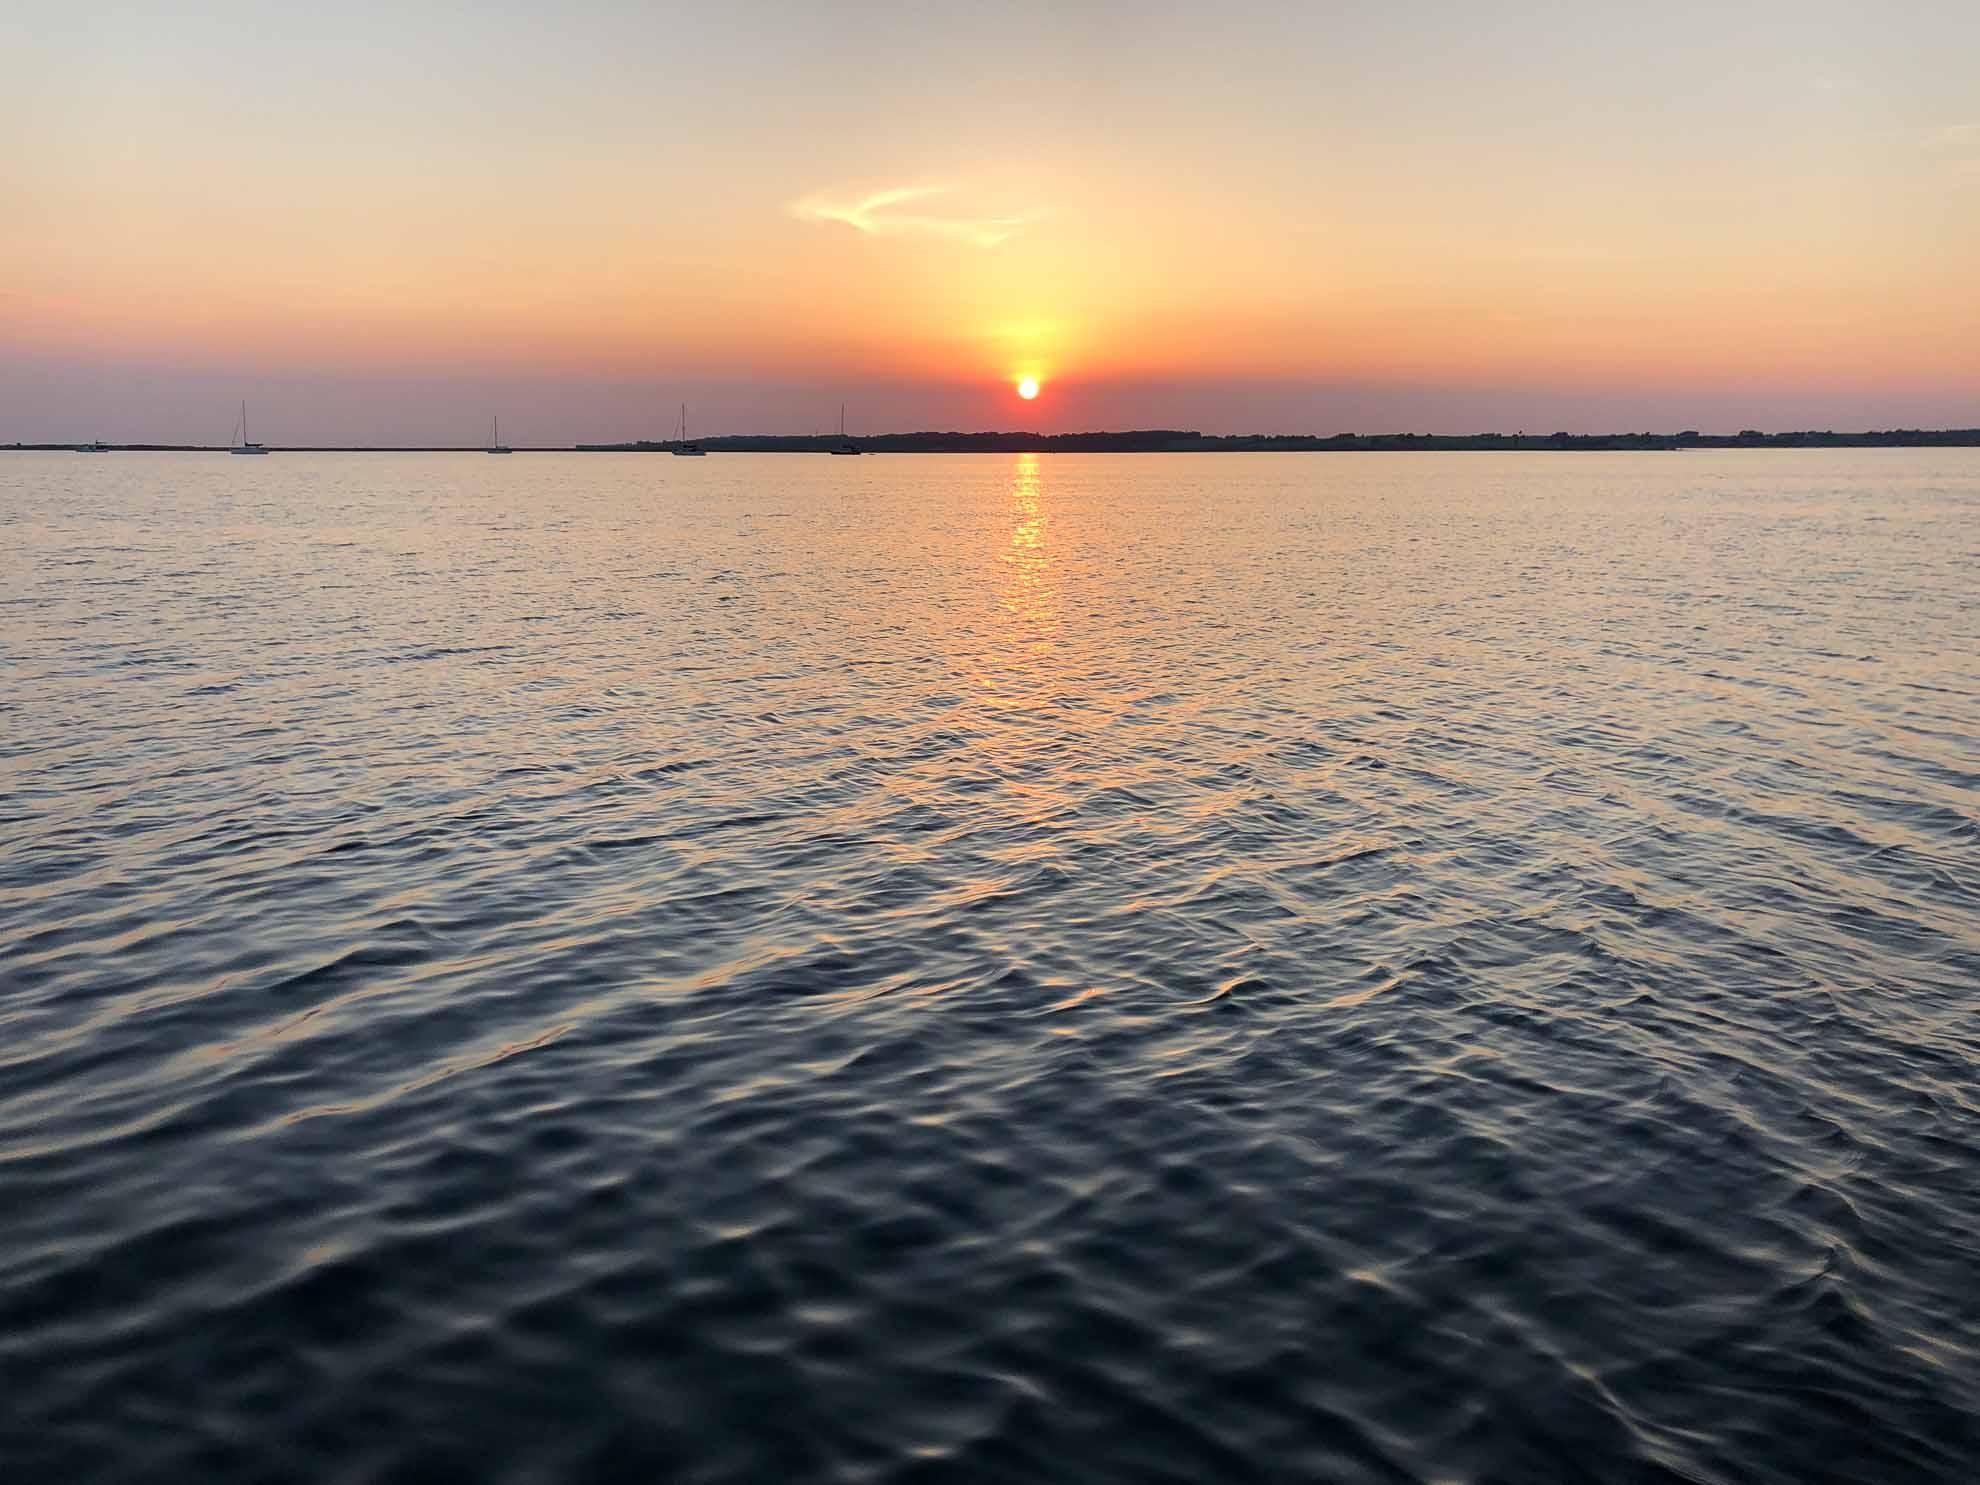 Malaika ankert vor der Insel Lyø, unweit von Faaborg. Die Dänische Südsee, wie das Inselarchipel im Süden Fünens genannt wird, hat fantastische Ankerplätze zu bieten.